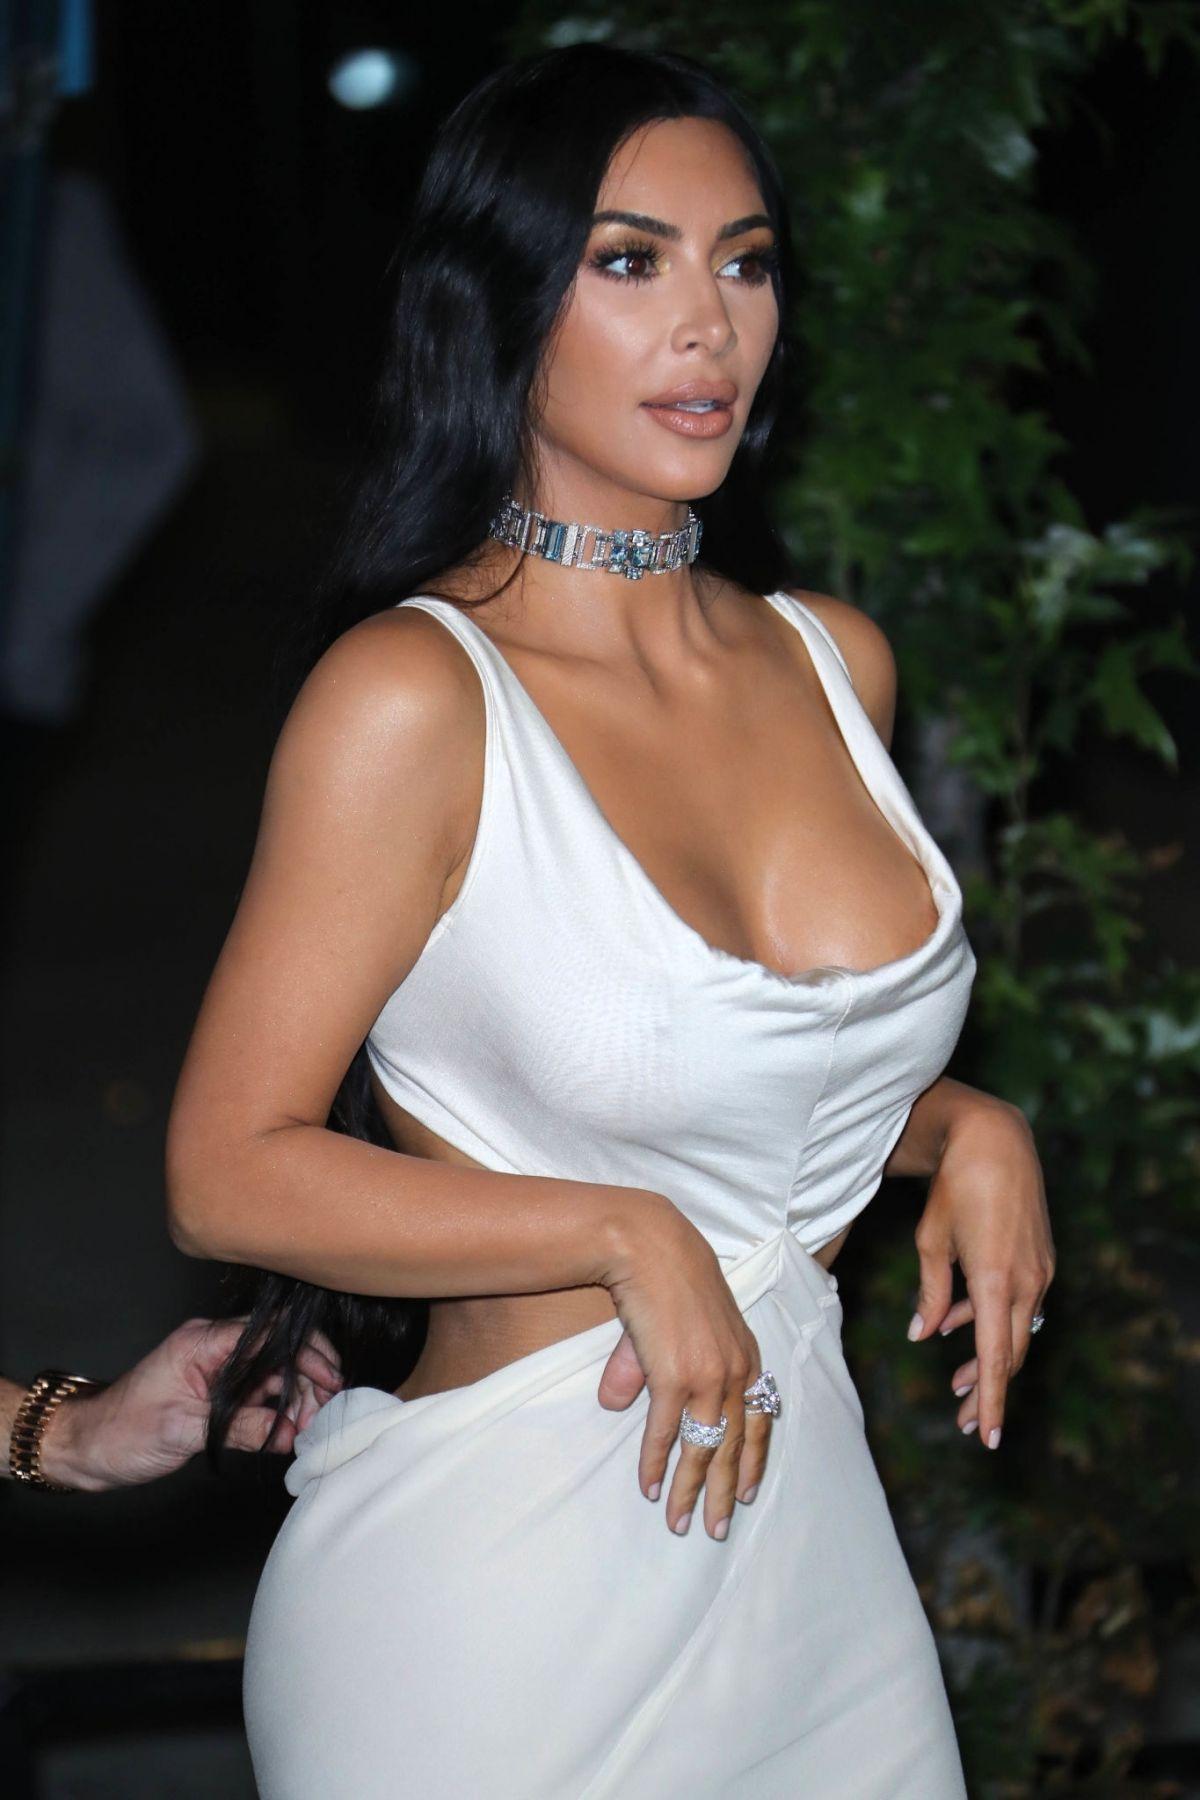 1&only kim kardashian